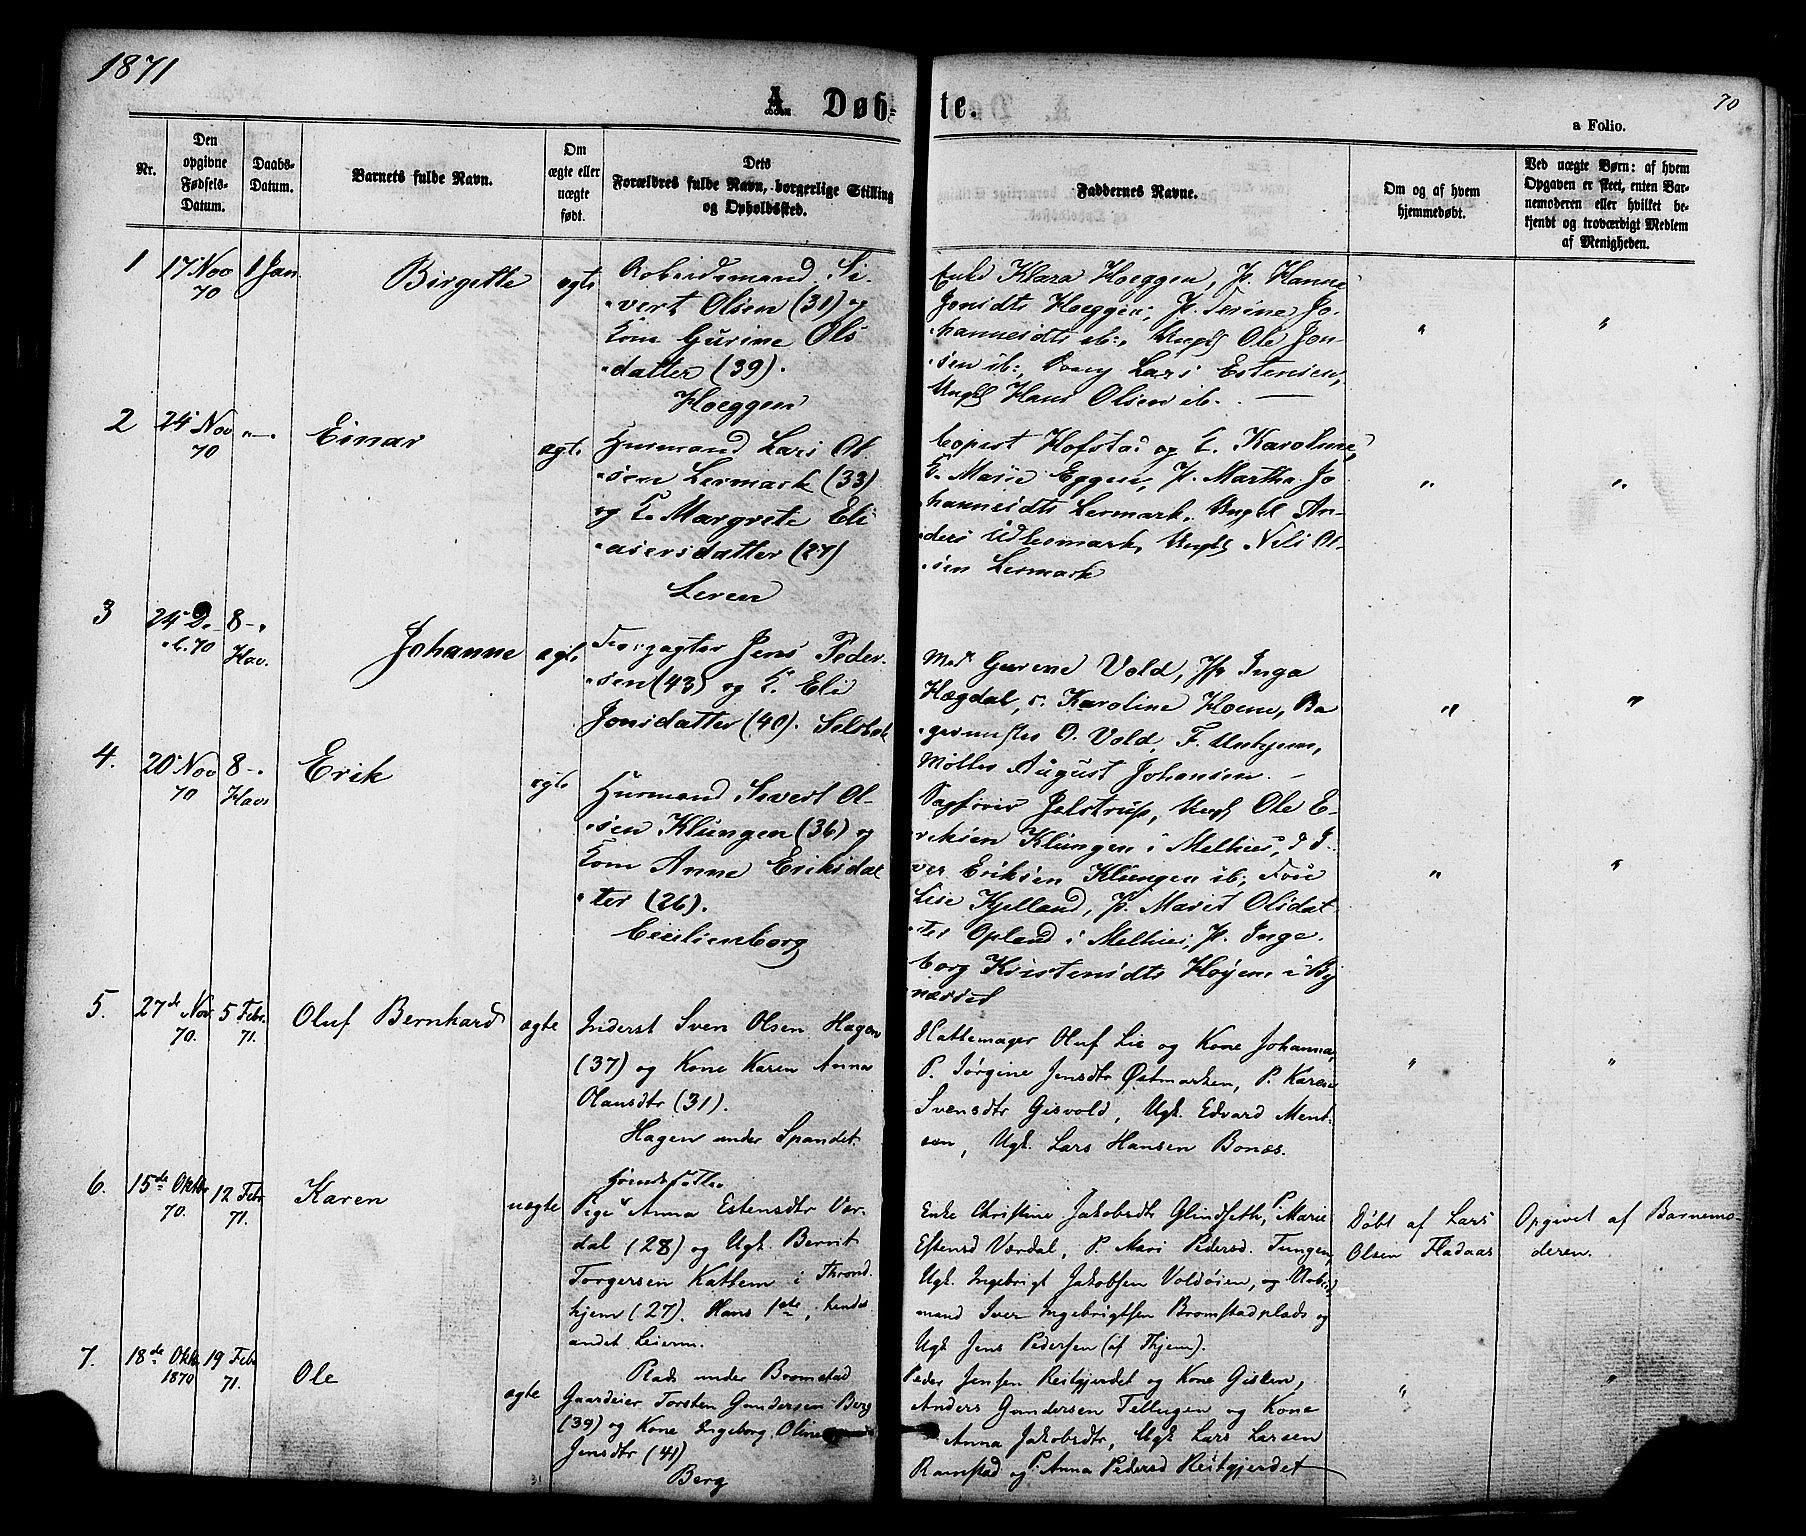 SAT, Ministerialprotokoller, klokkerbøker og fødselsregistre - Sør-Trøndelag, 606/L0293: Ministerialbok nr. 606A08, 1866-1877, s. 70